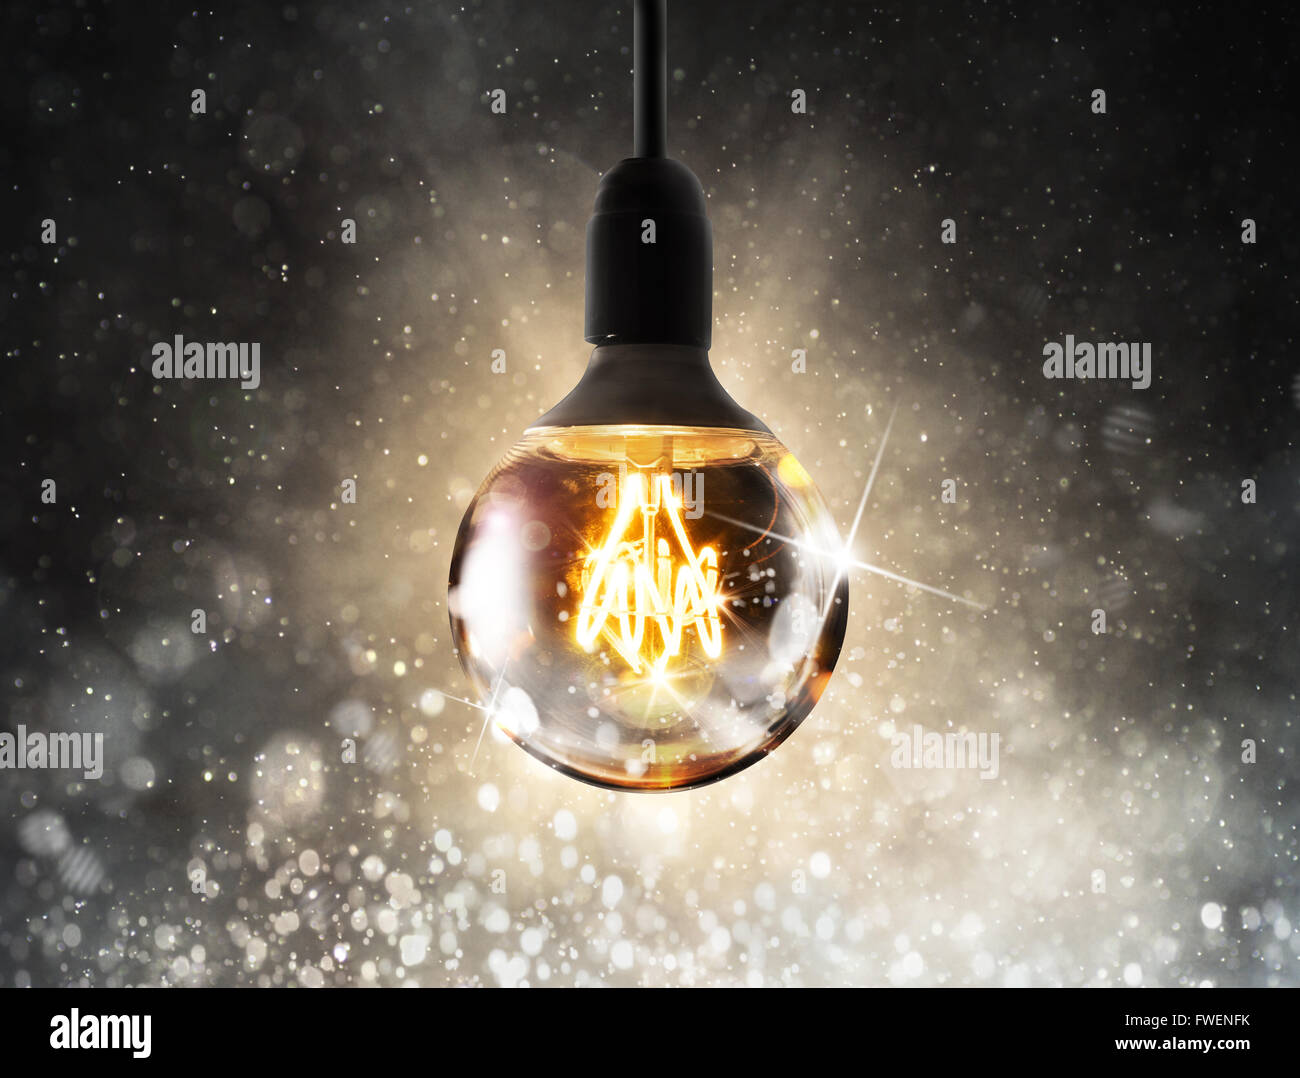 Glänzende Glühbirne Stockbild